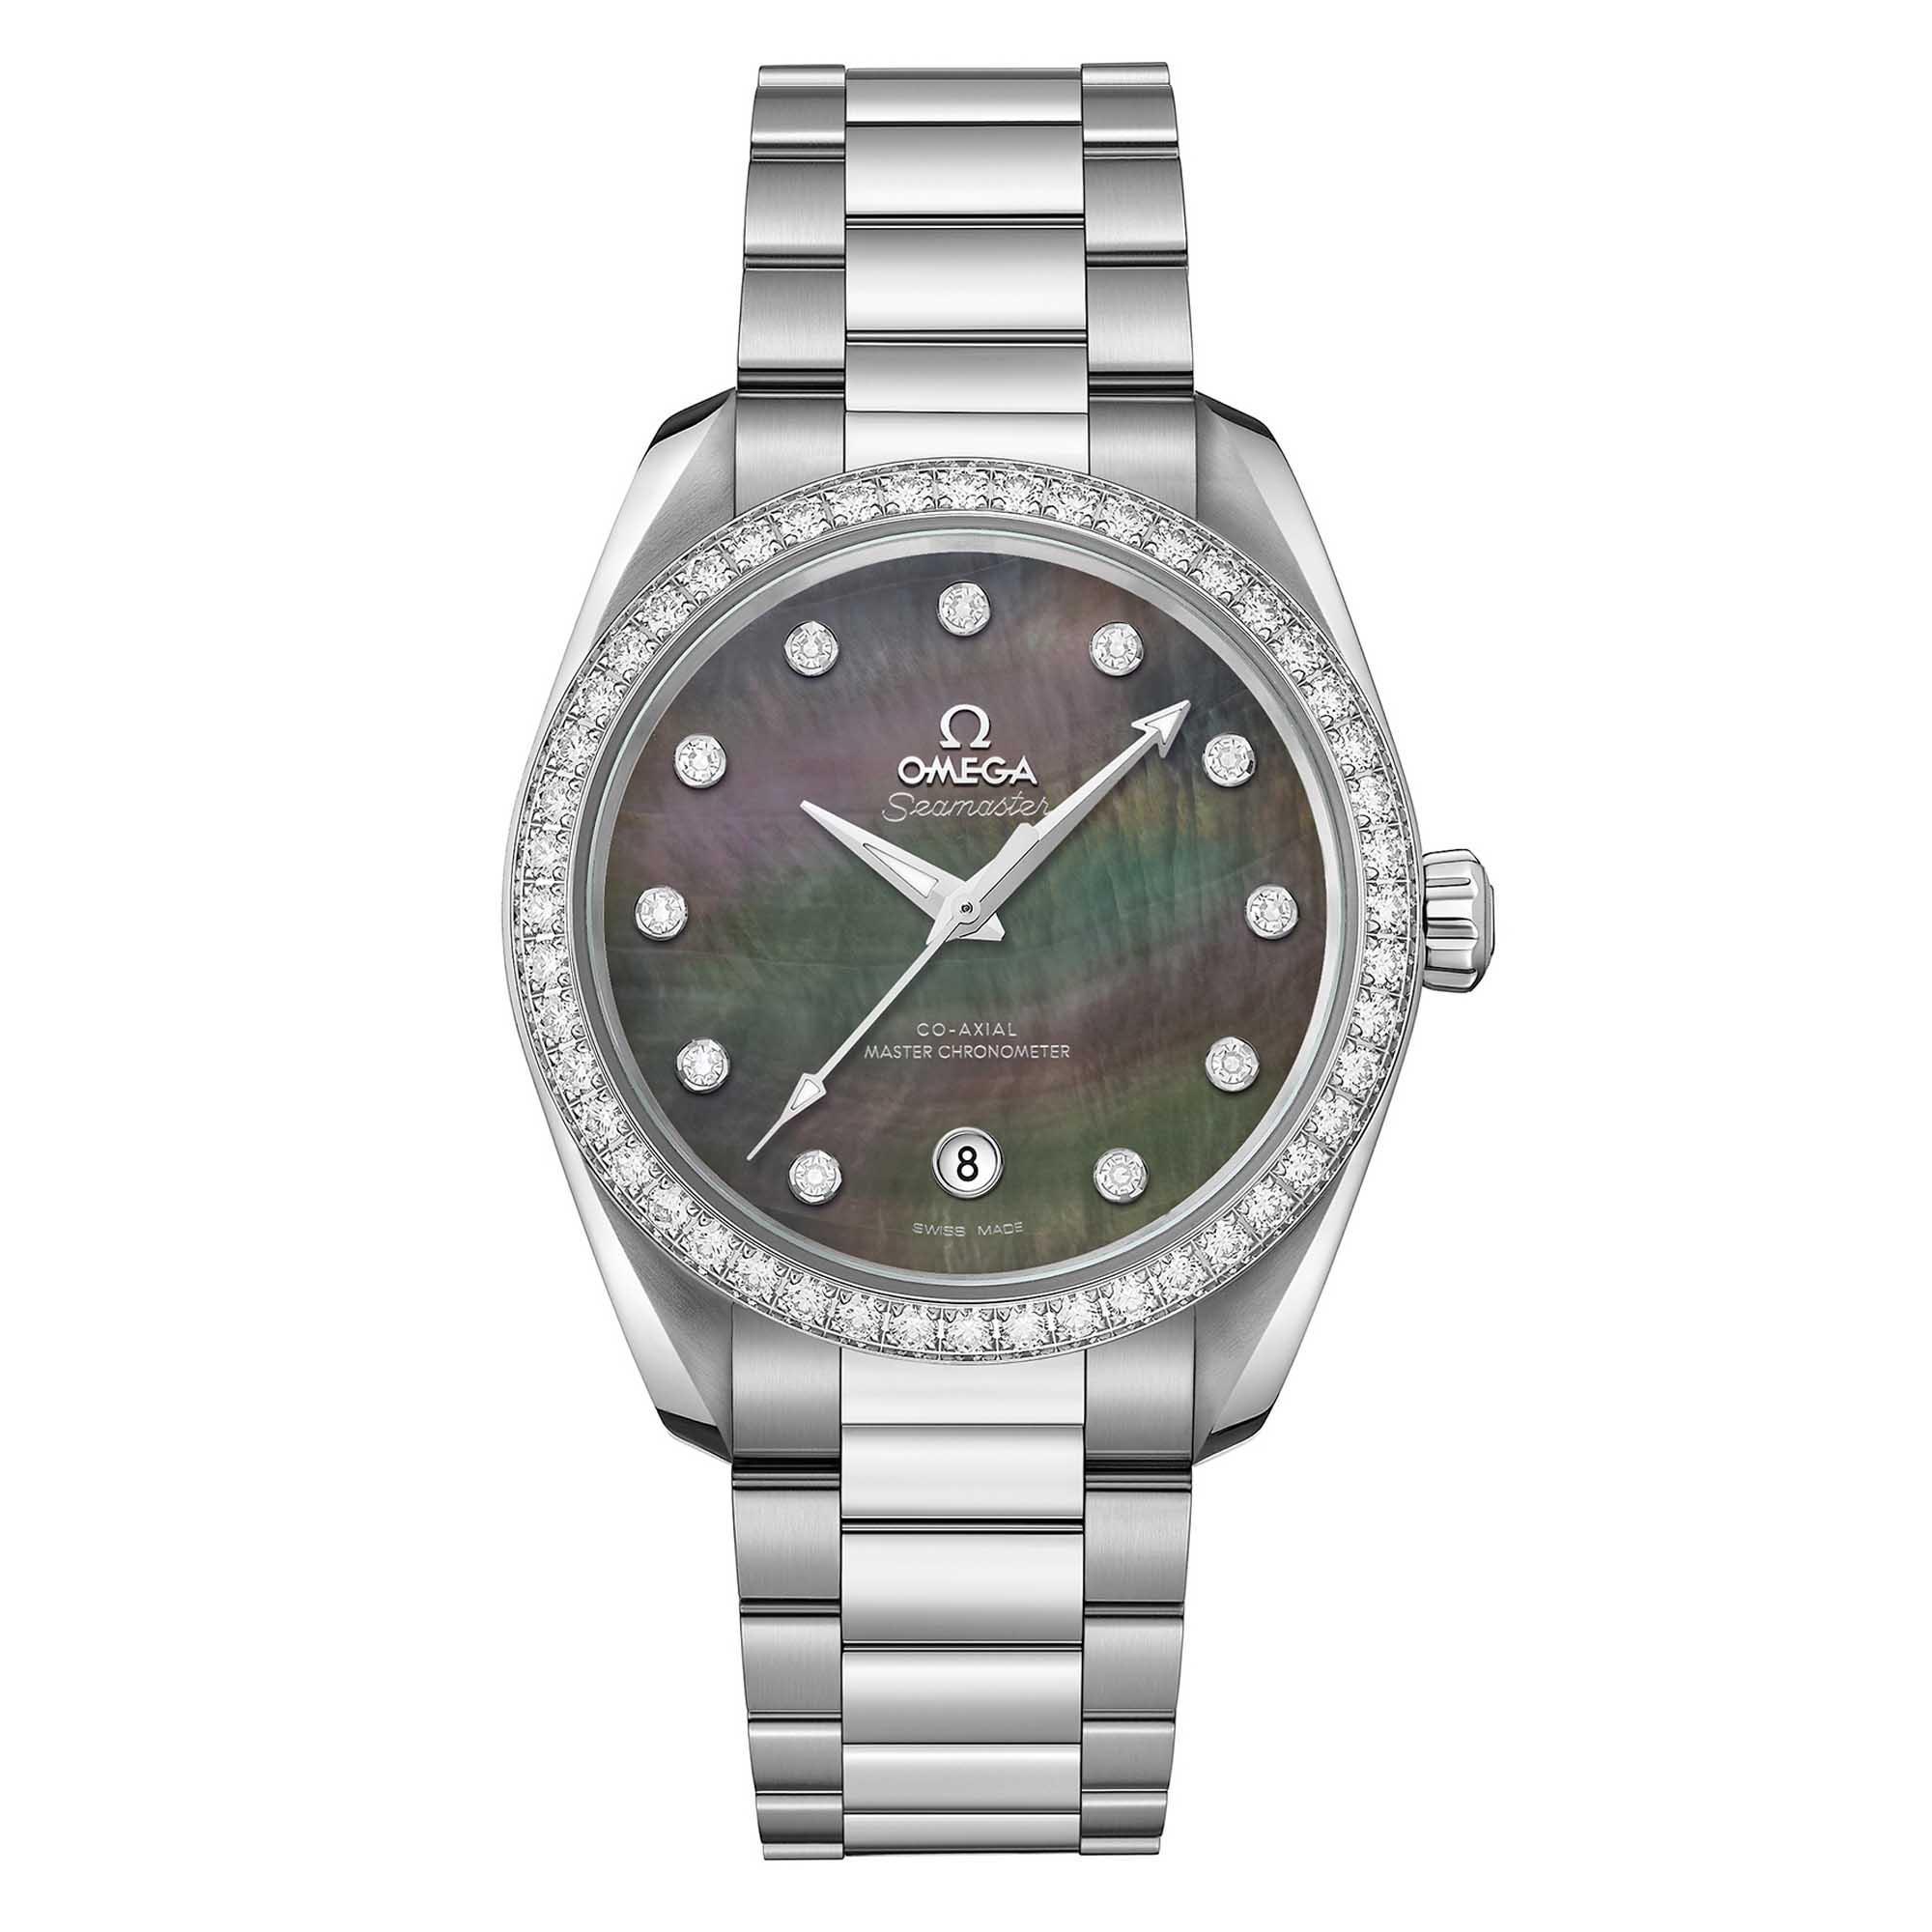 Omega - Seamaster Aqua Terra Co-Axial Master Chronometer